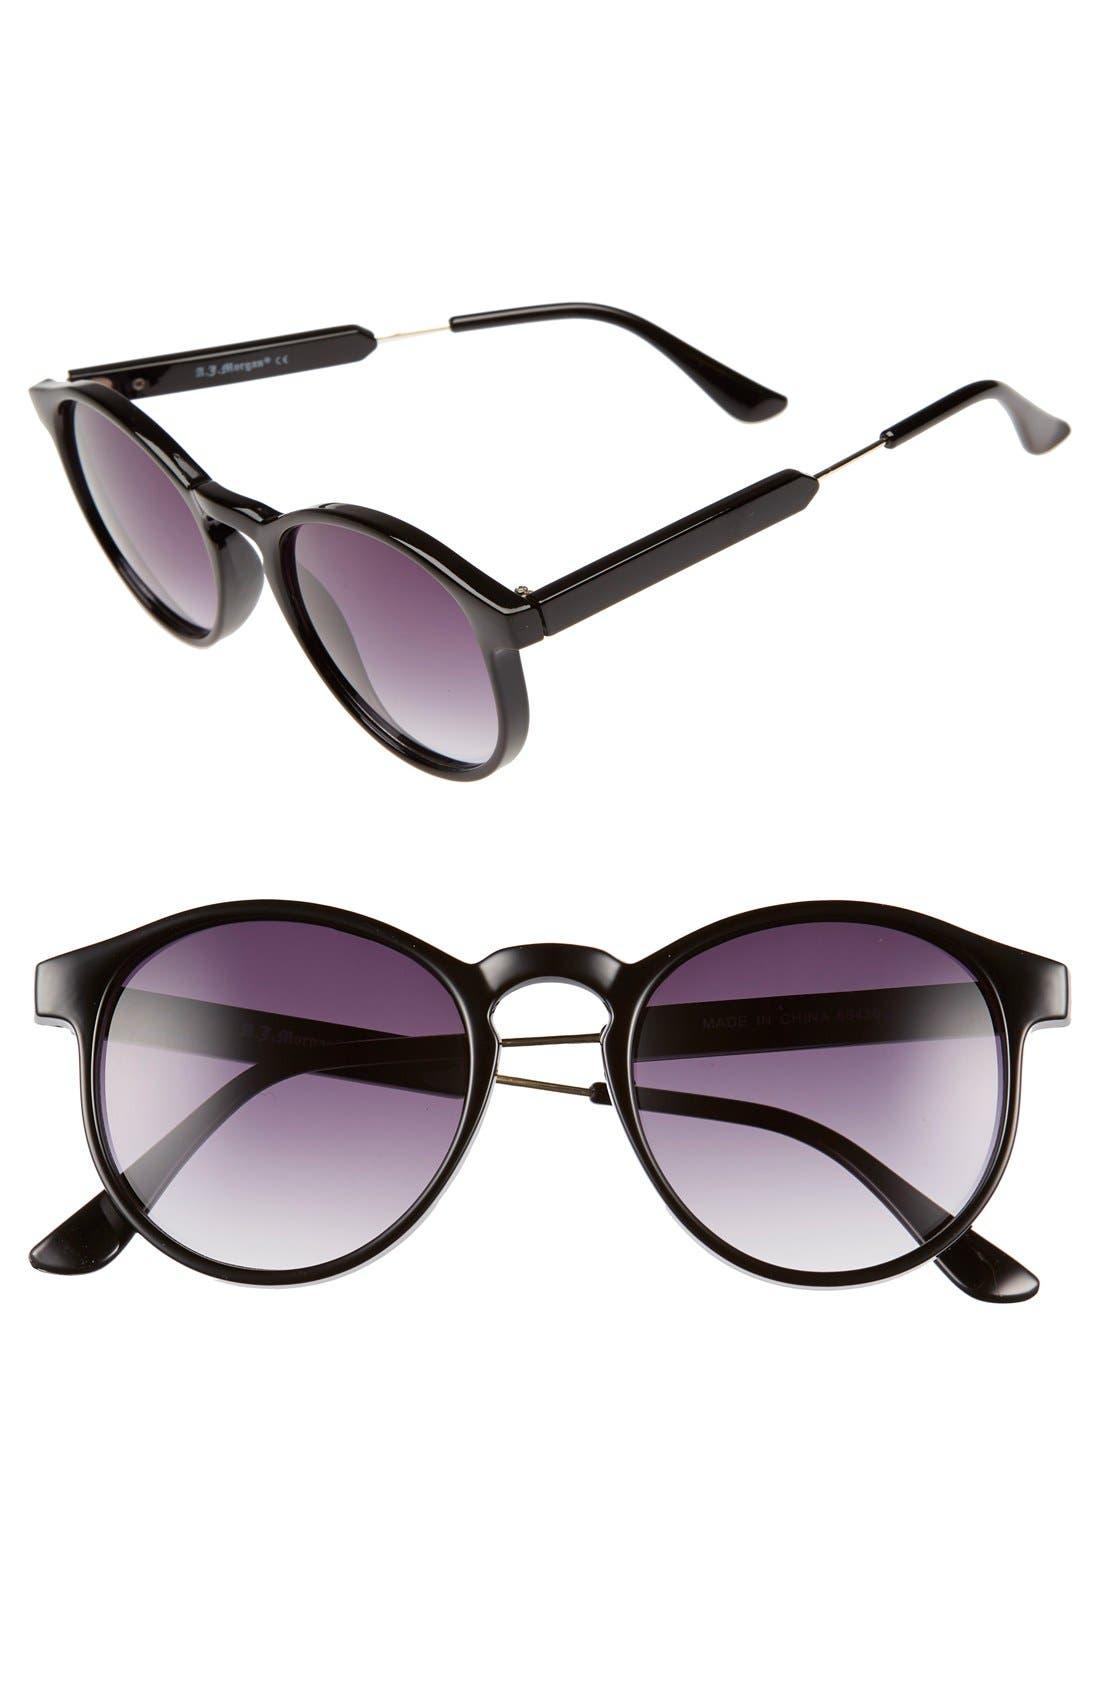 A.J. Morgan 50mm Sunglasses